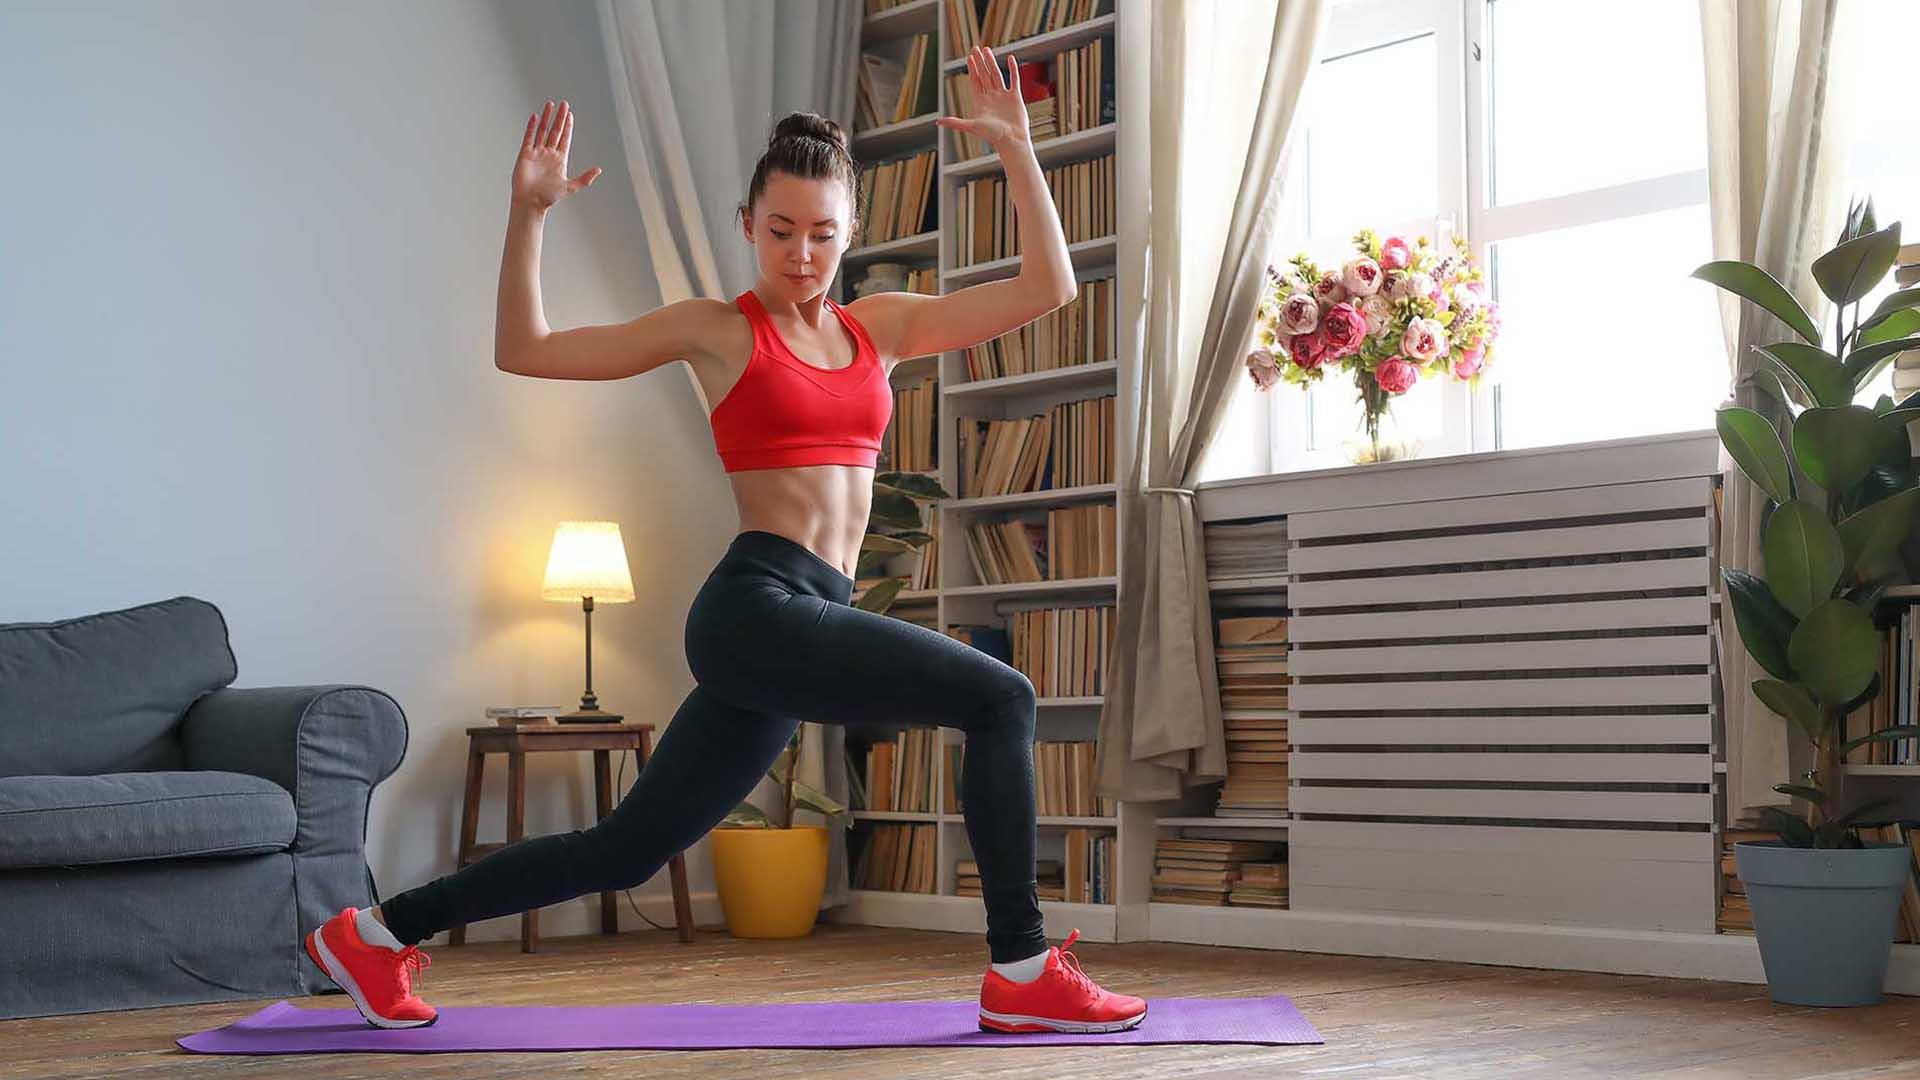 Les 5 meilleurs conseils de Pros pour réussir les entraînements à la maison